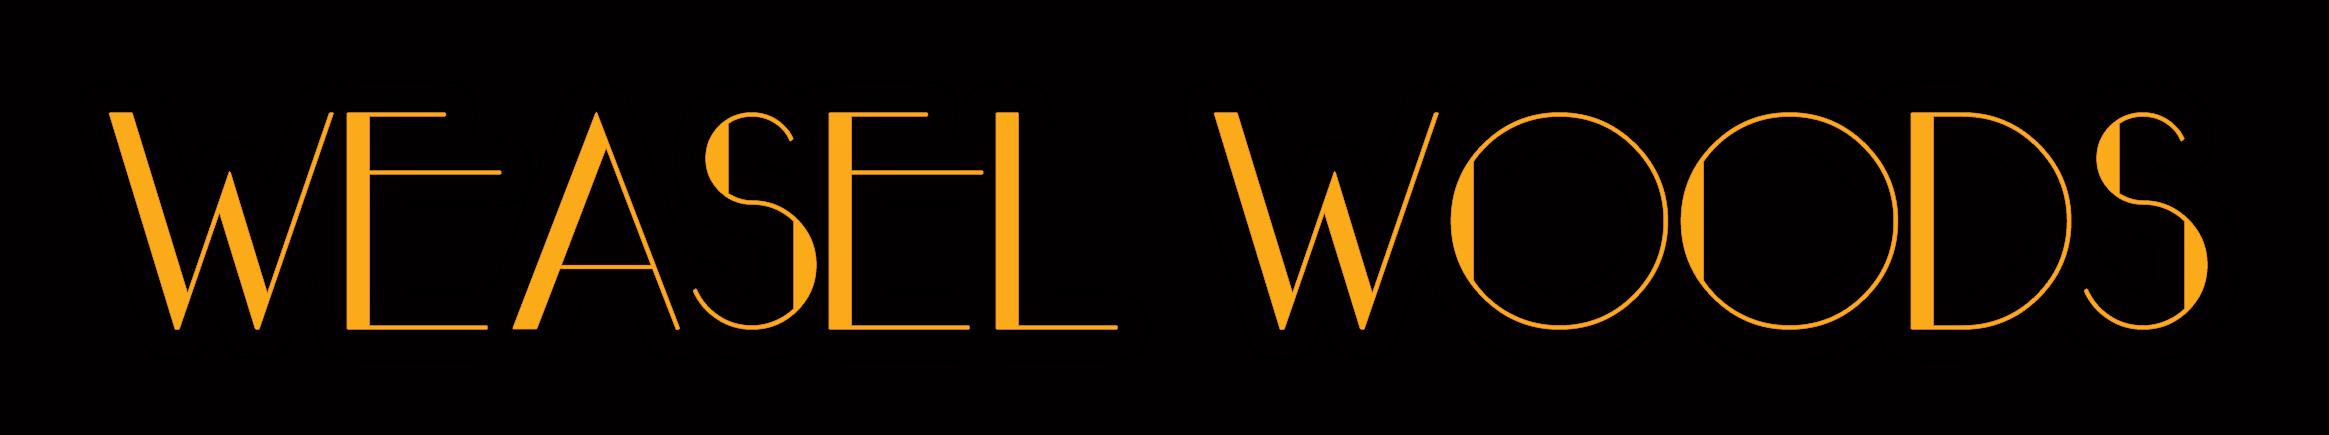 Weasel Woods | Logo 2019